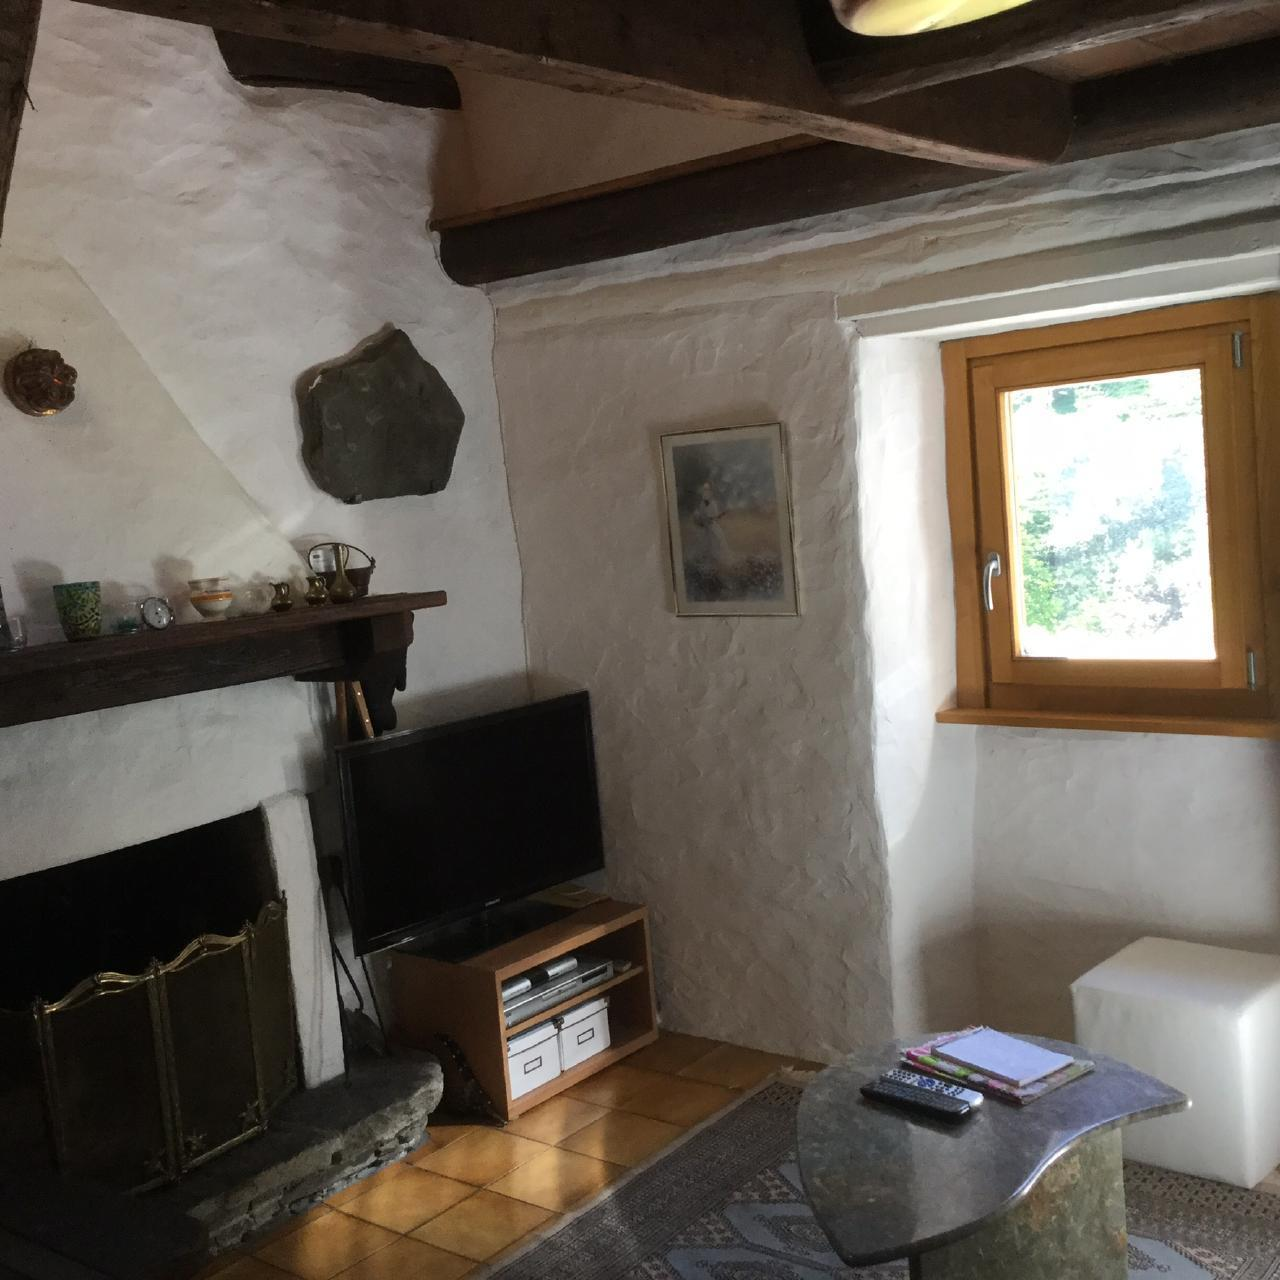 Ferienhaus Rustico Casa Valeria (2390790), Brontallo, Maggiatal, Tessin, Schweiz, Bild 5